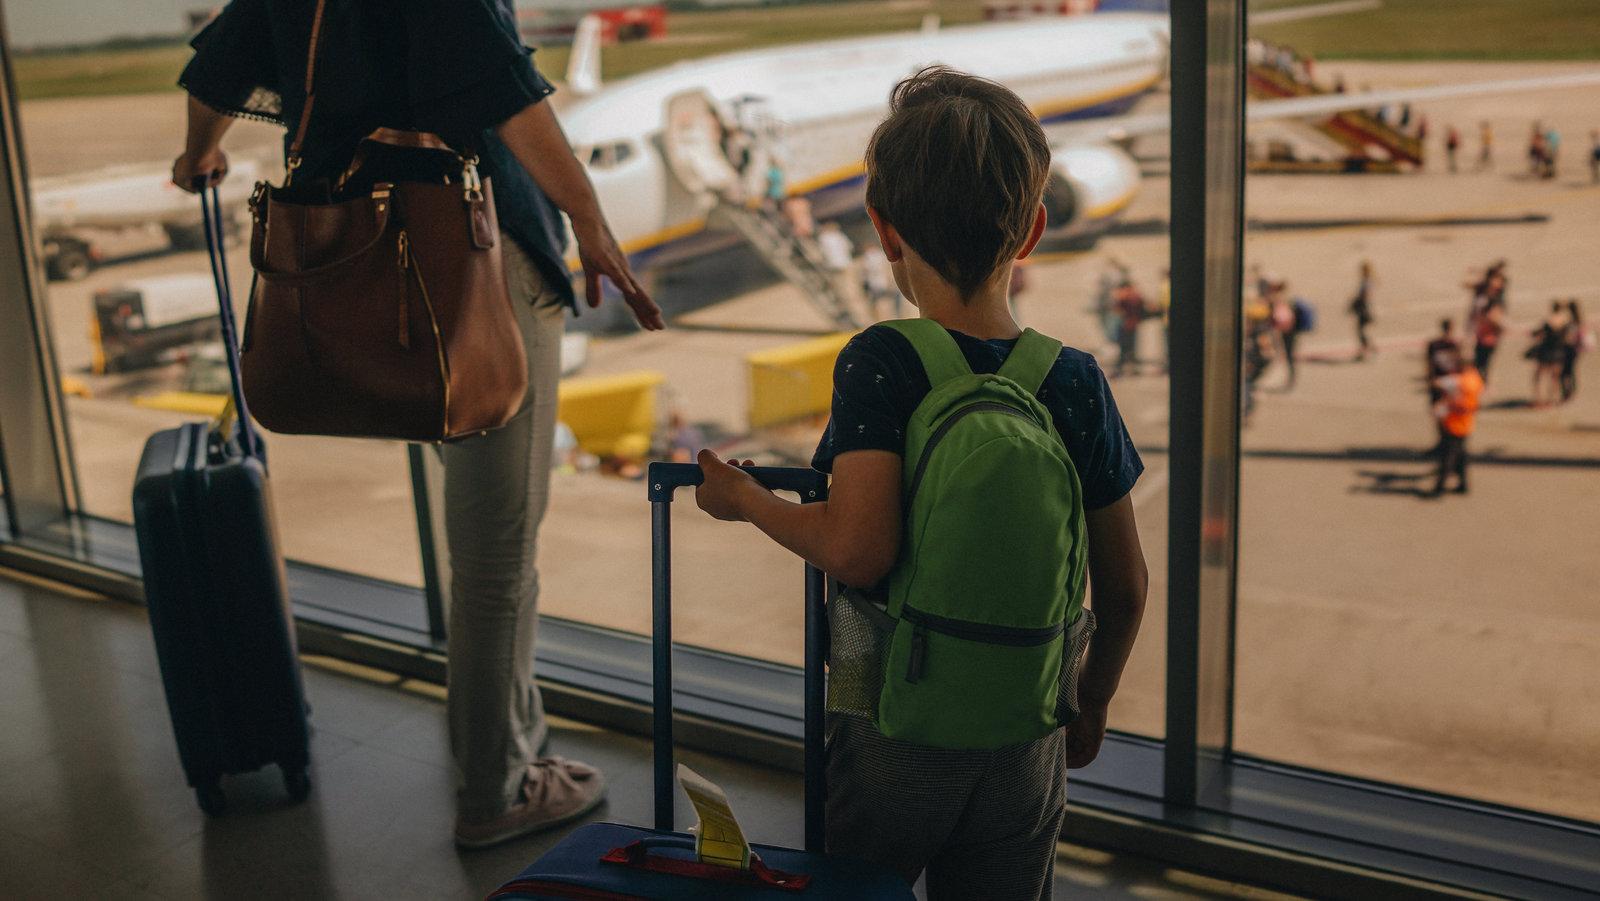 Autorización Notarial de Viaje de Menores